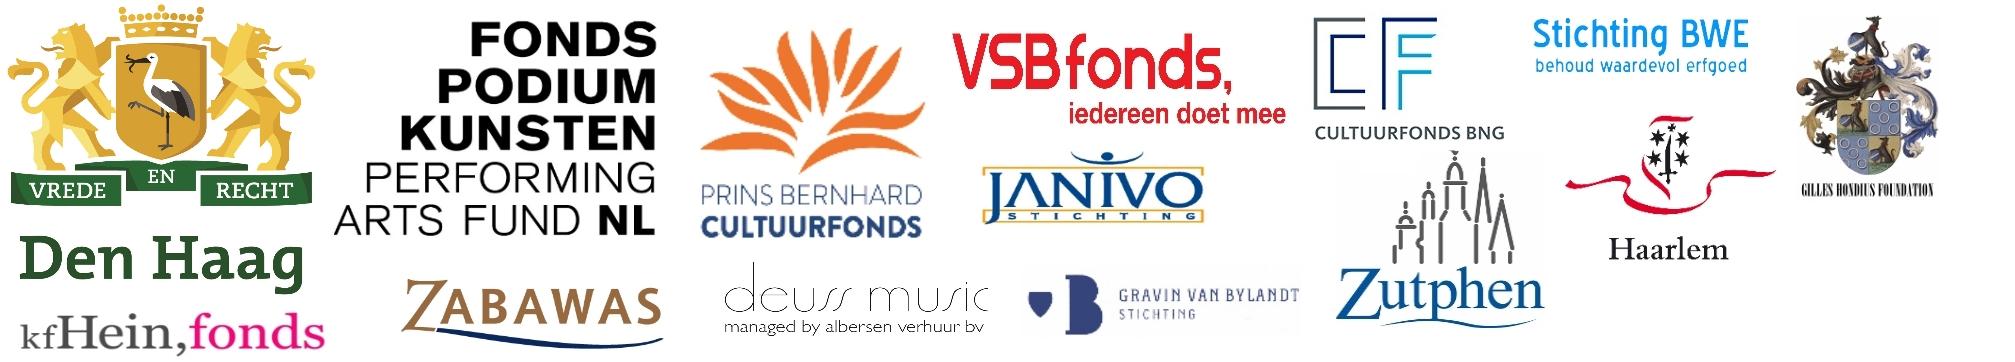 logoswebsite2